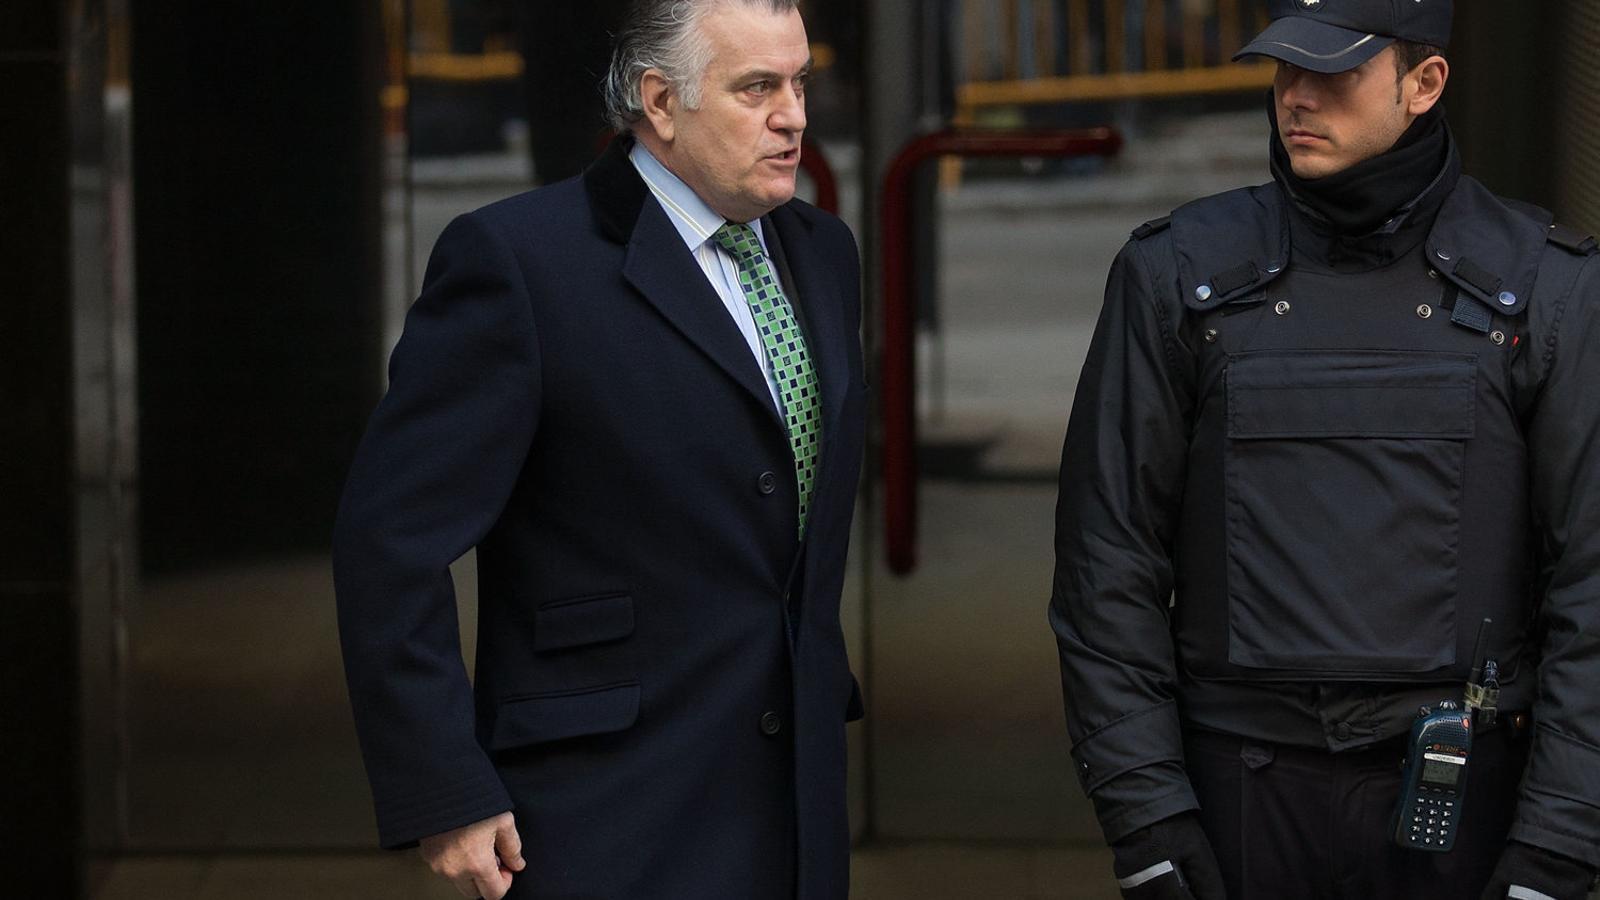 L'extresorer del PP Luis Bárcenas en una imatge a Madrid el febrer del 2013.